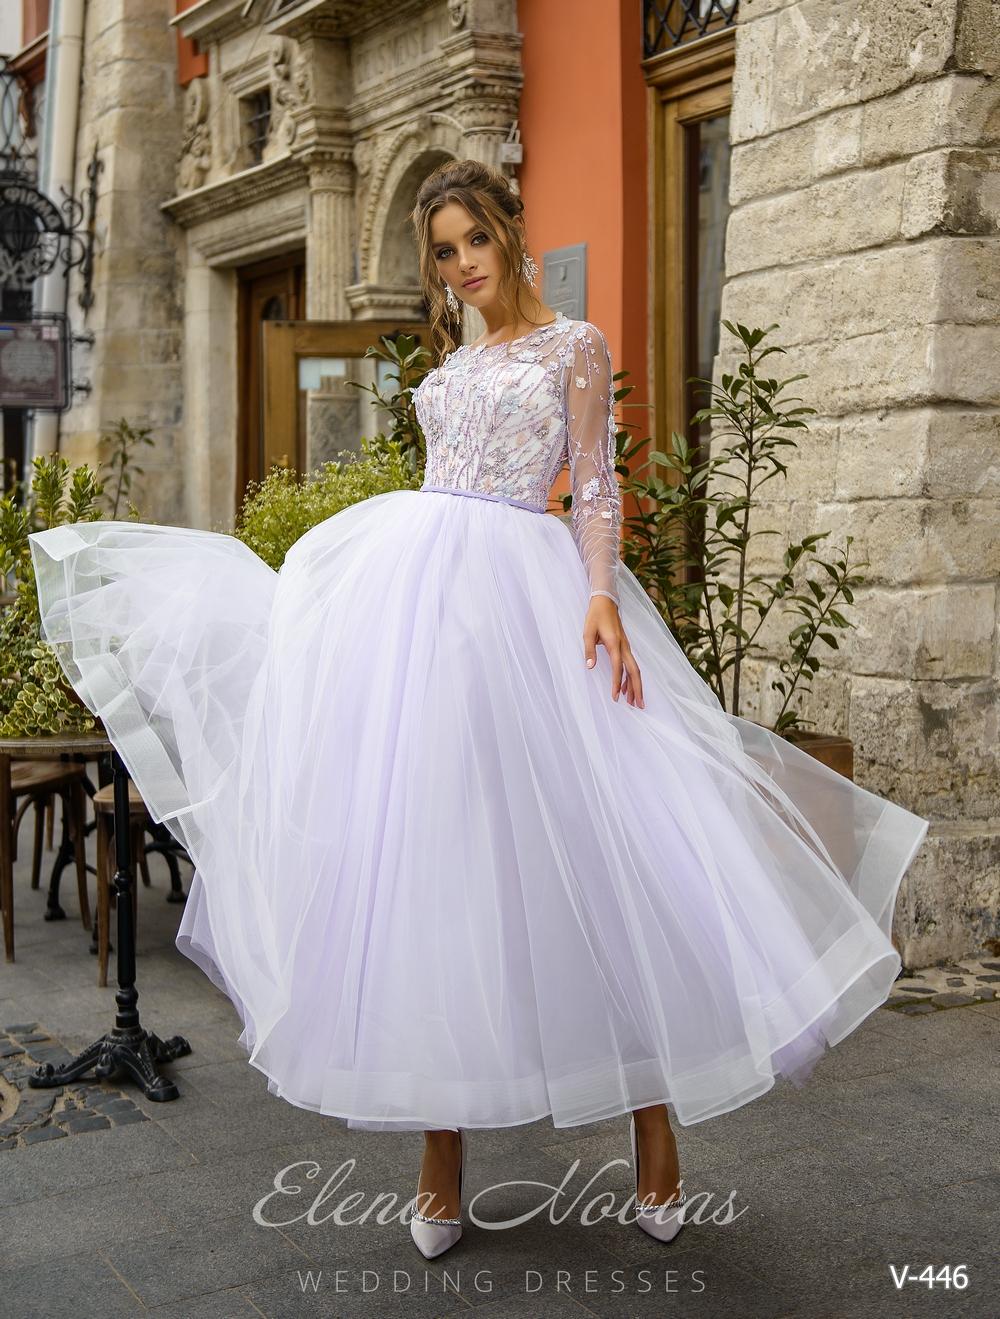 Вечернее пышное платье с воздушных тканей и оригинальным лифом